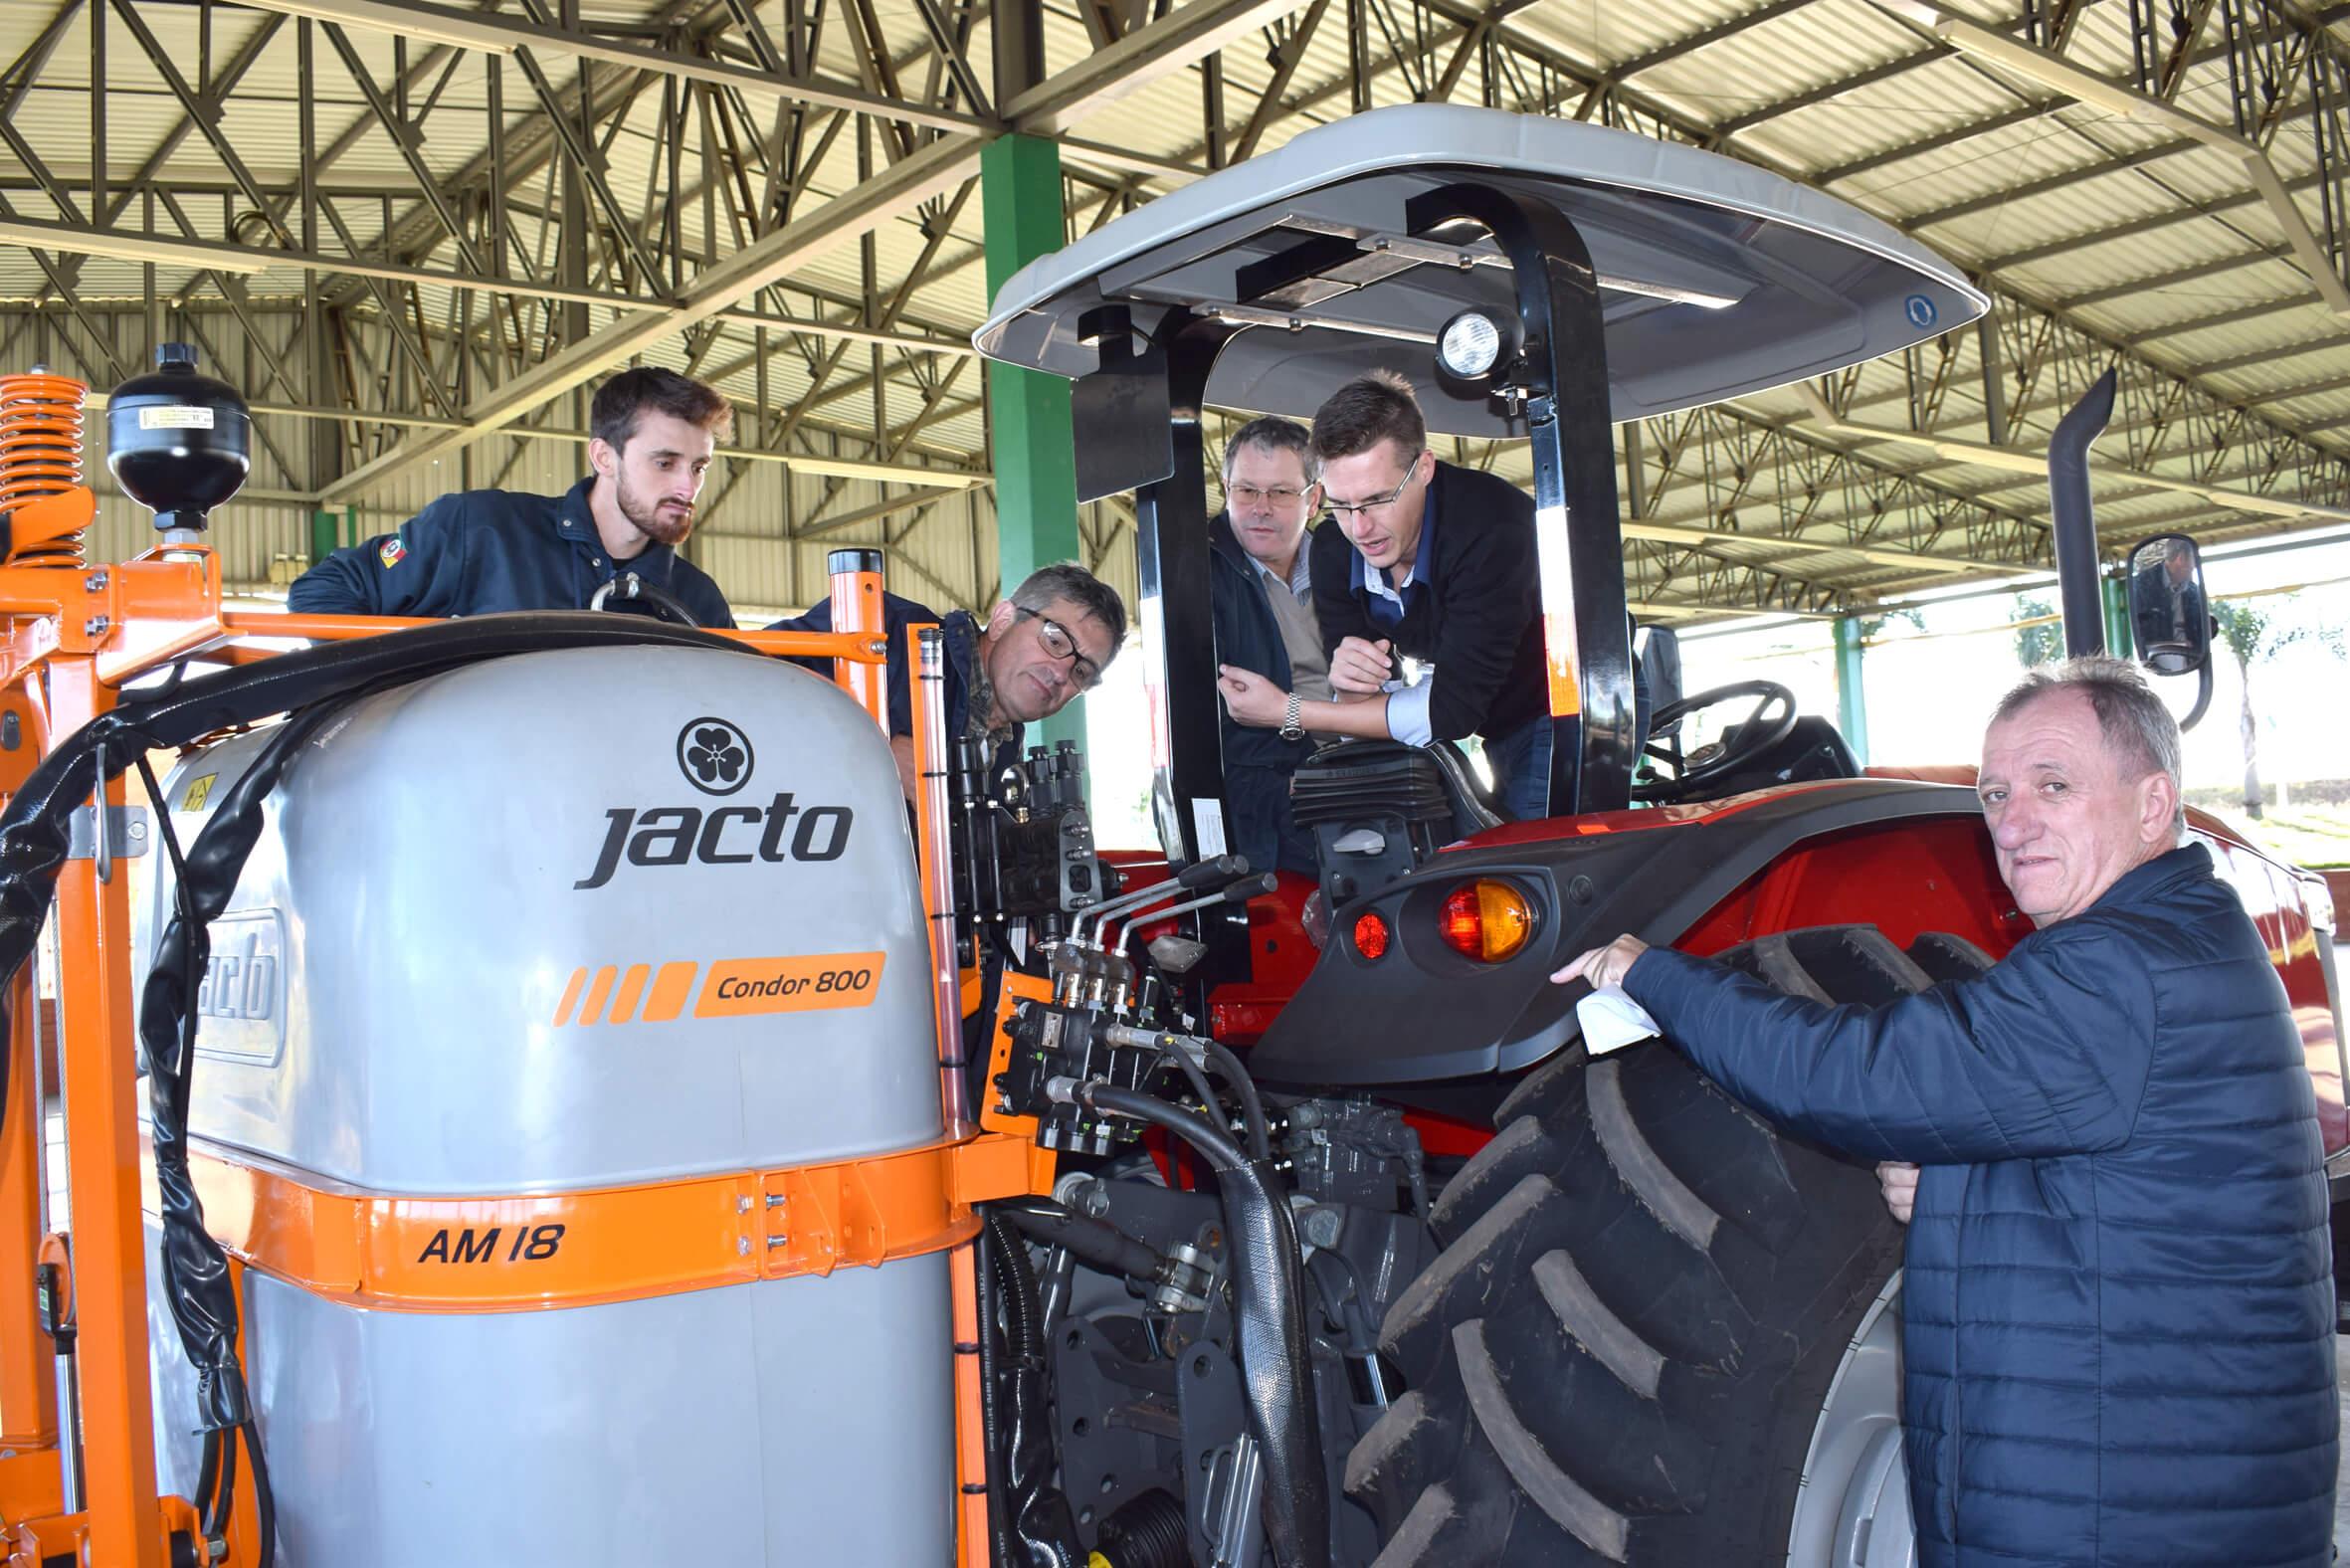 Cursos da Emater ajudam agricultores a aproveitar potencial das máquinas